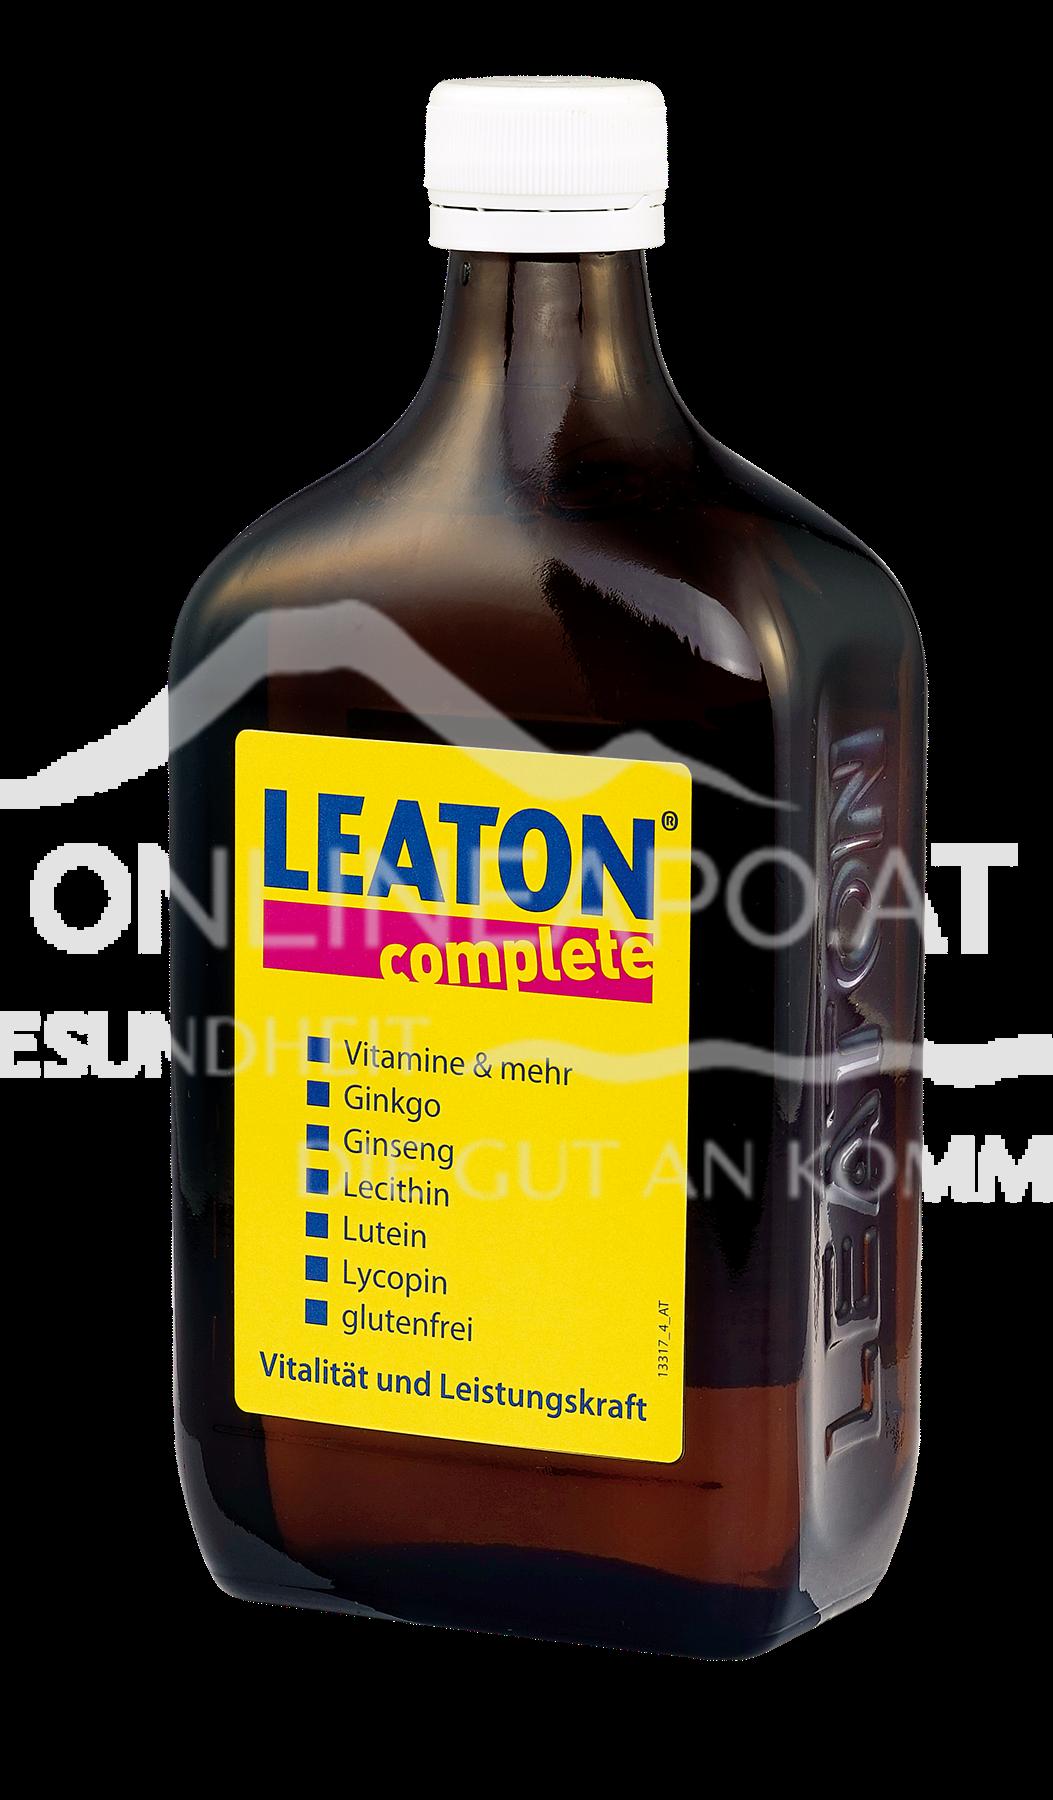 LEATON® complete